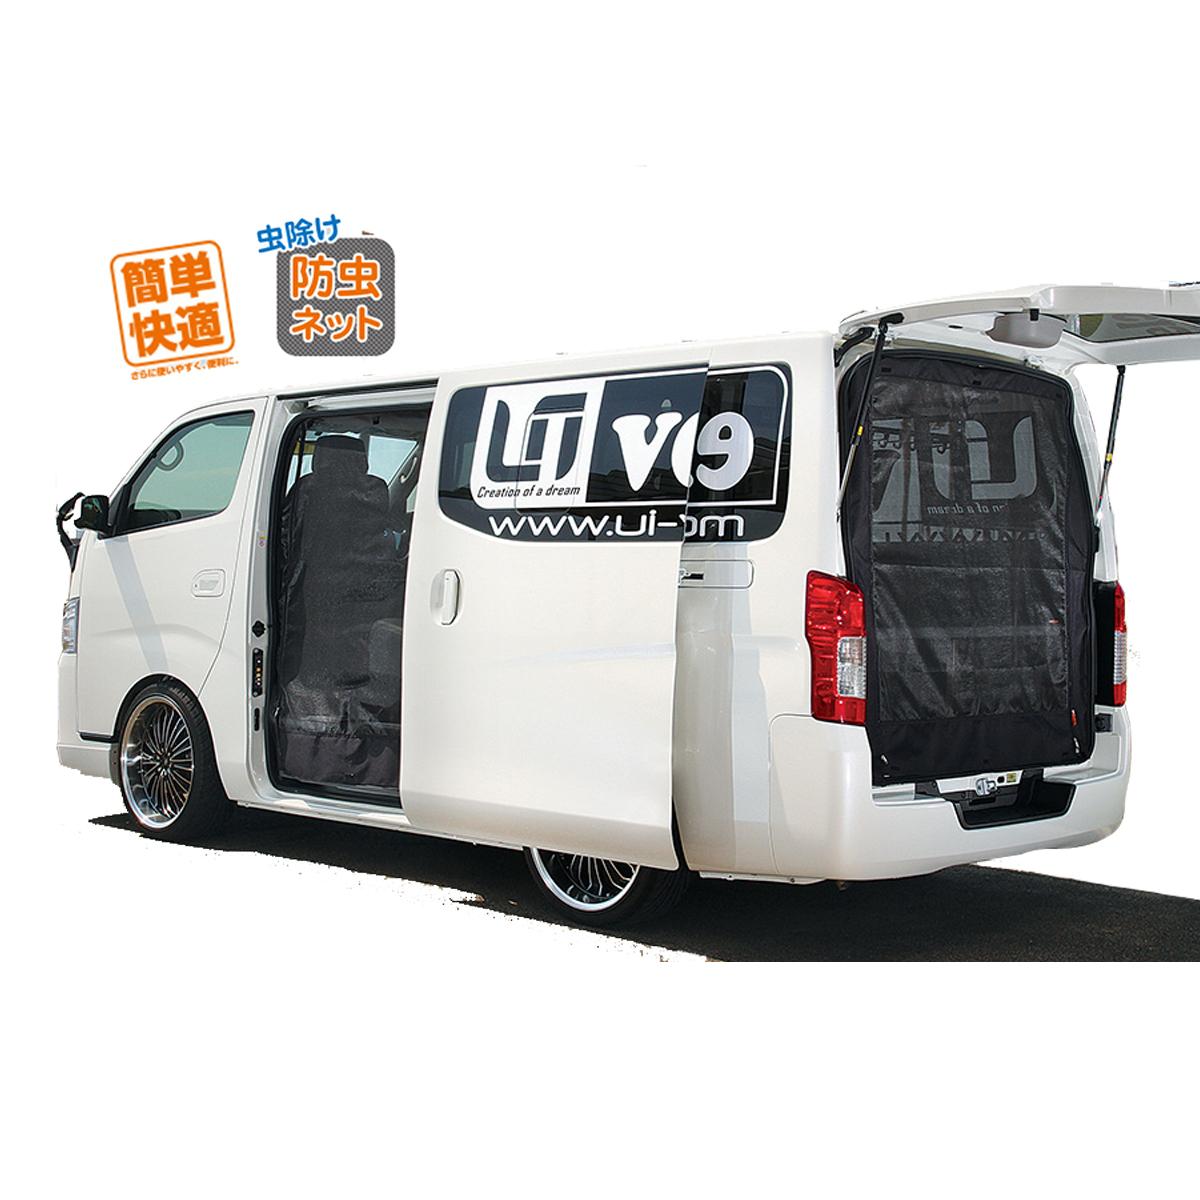 ユーアイビークル キャラバン NV350/E26 プレミアムGX 虫除け 防虫ネット サイド1面 UI-vehicle ユーアイ 個人宅発送追金有